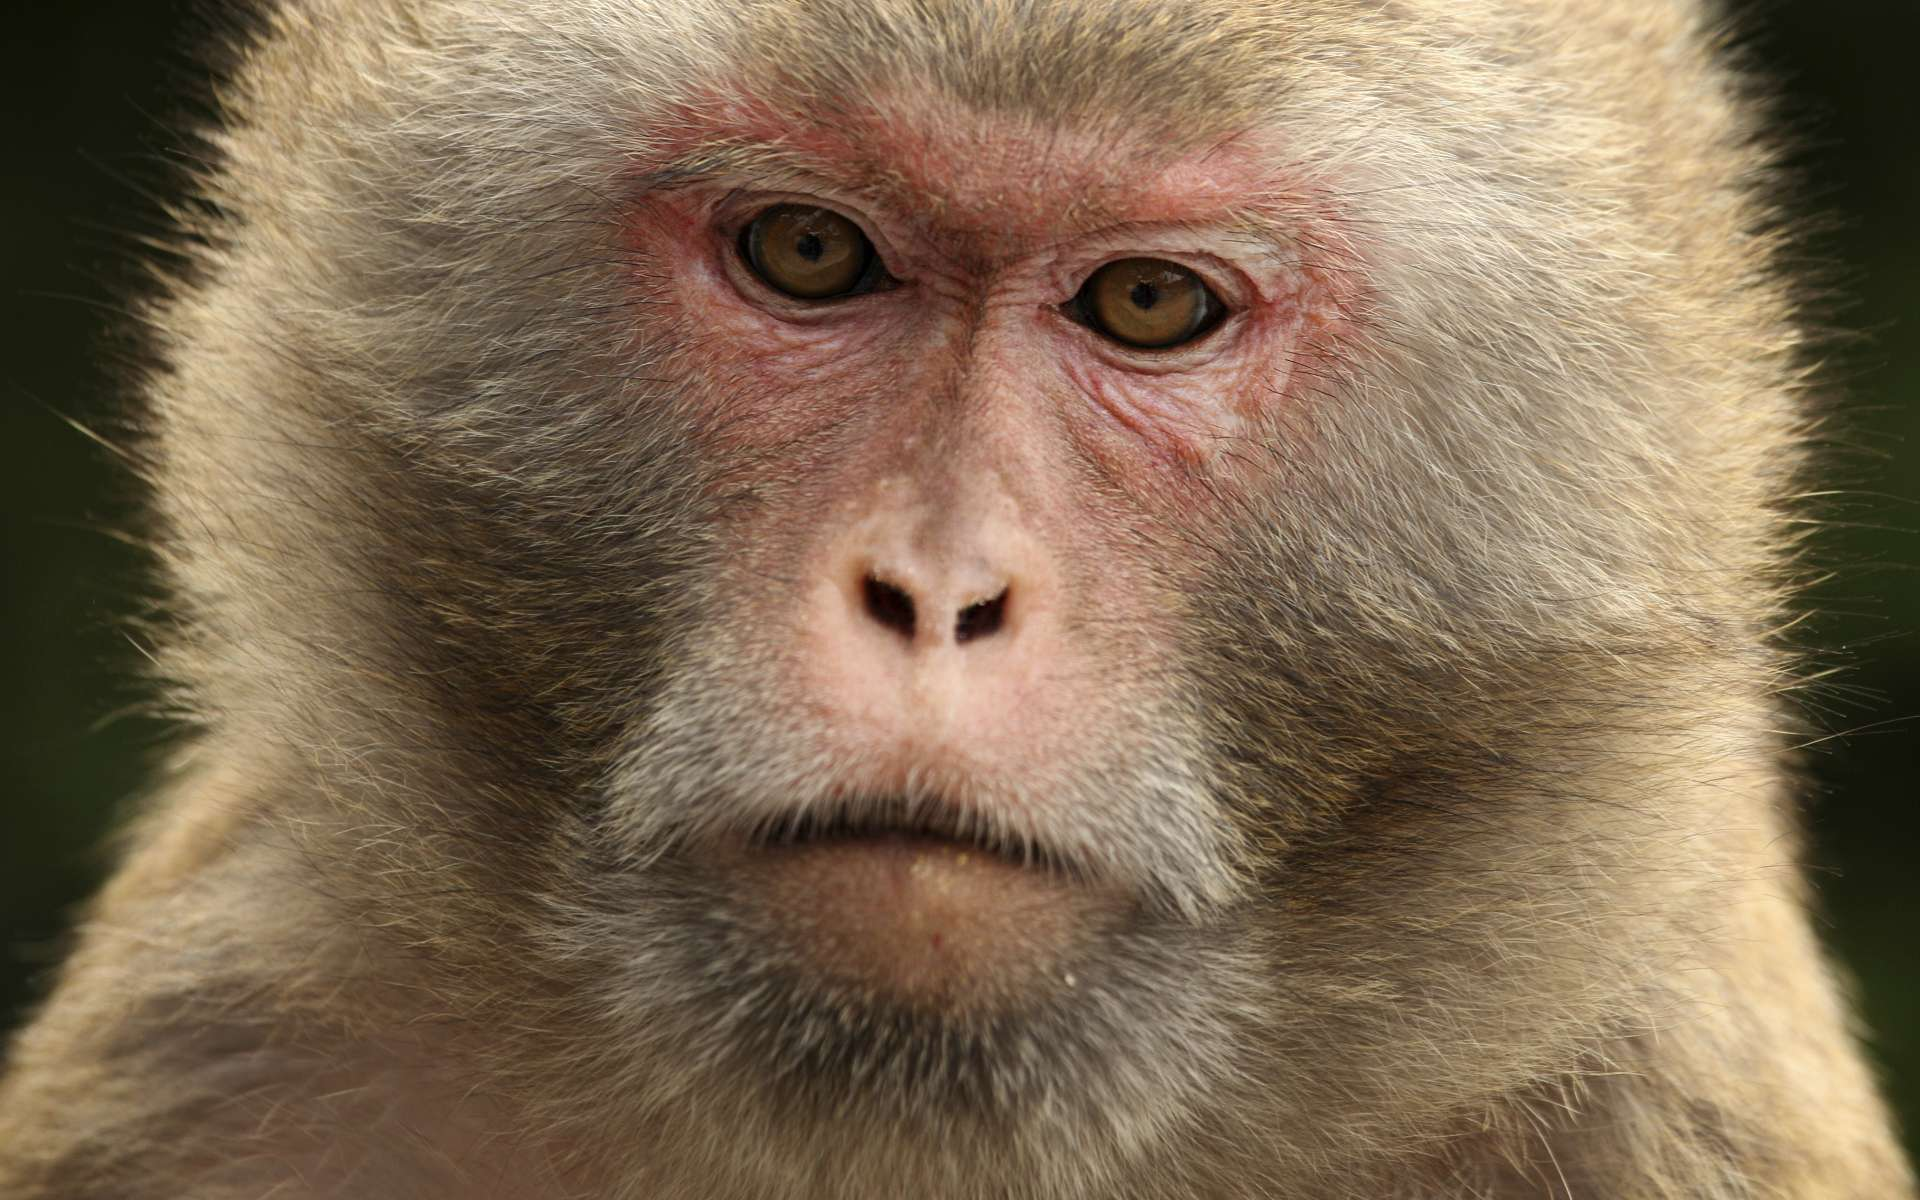 Les recherches se poursuivent sur ce vaccin testé sur les singes qui donne des résultats encourageants. © Ed Jones, AFP Photo